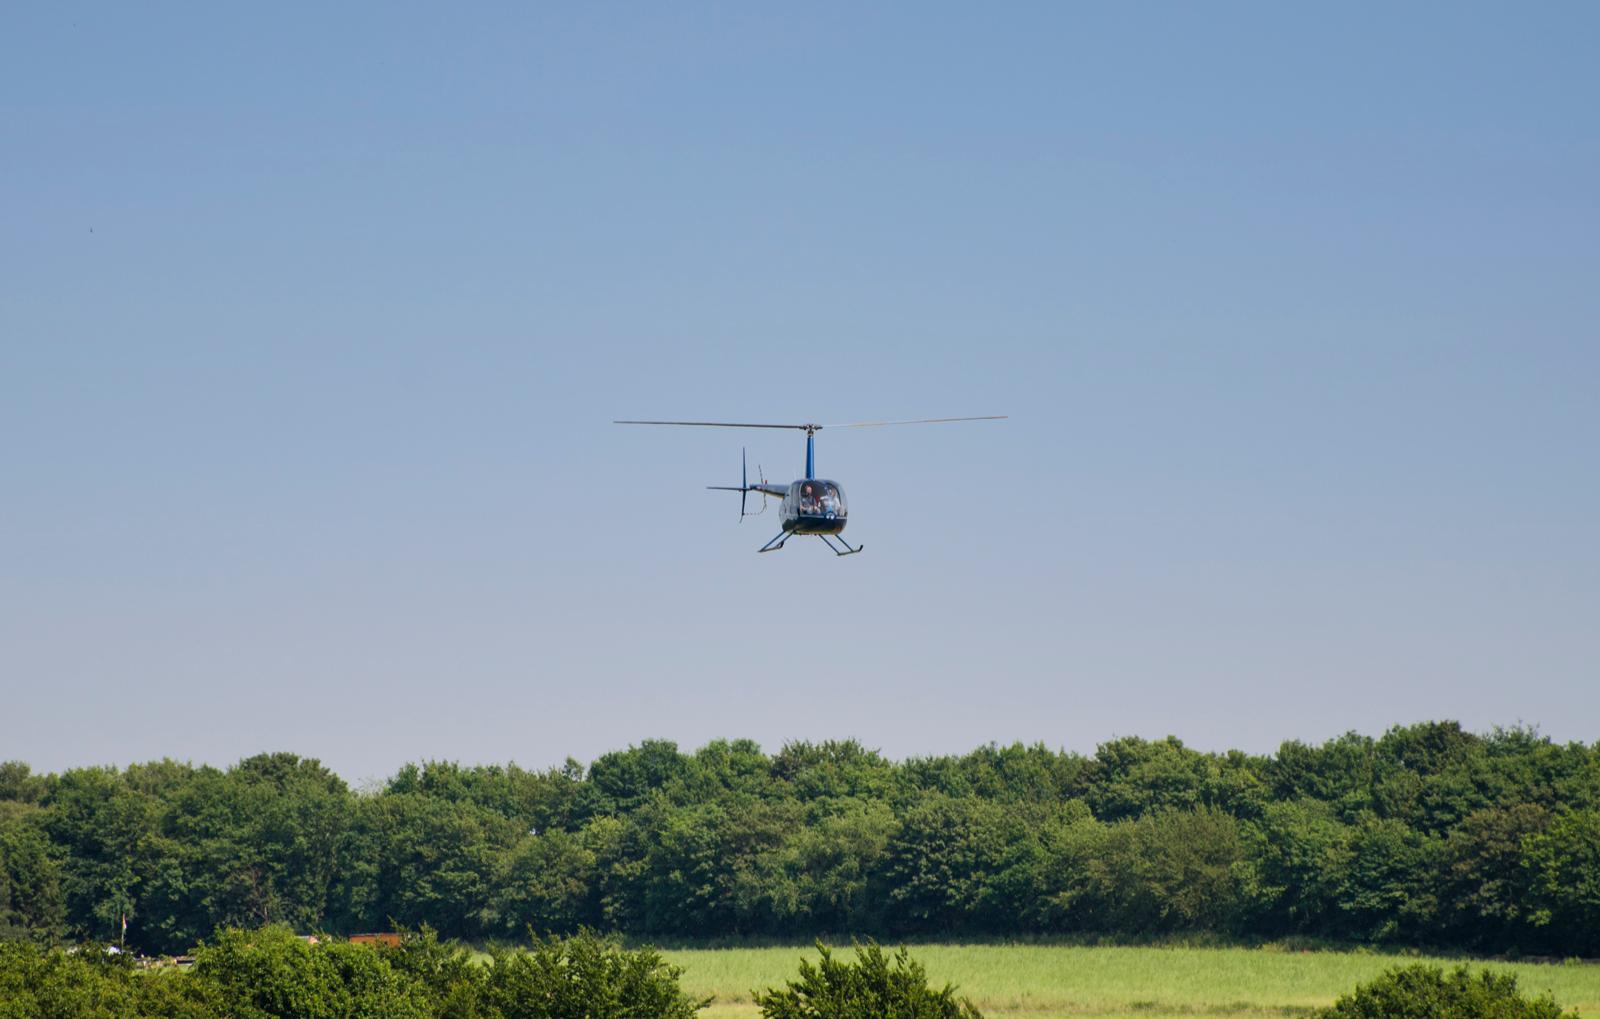 hubschrauber-rundflug-atting-bg61621417991